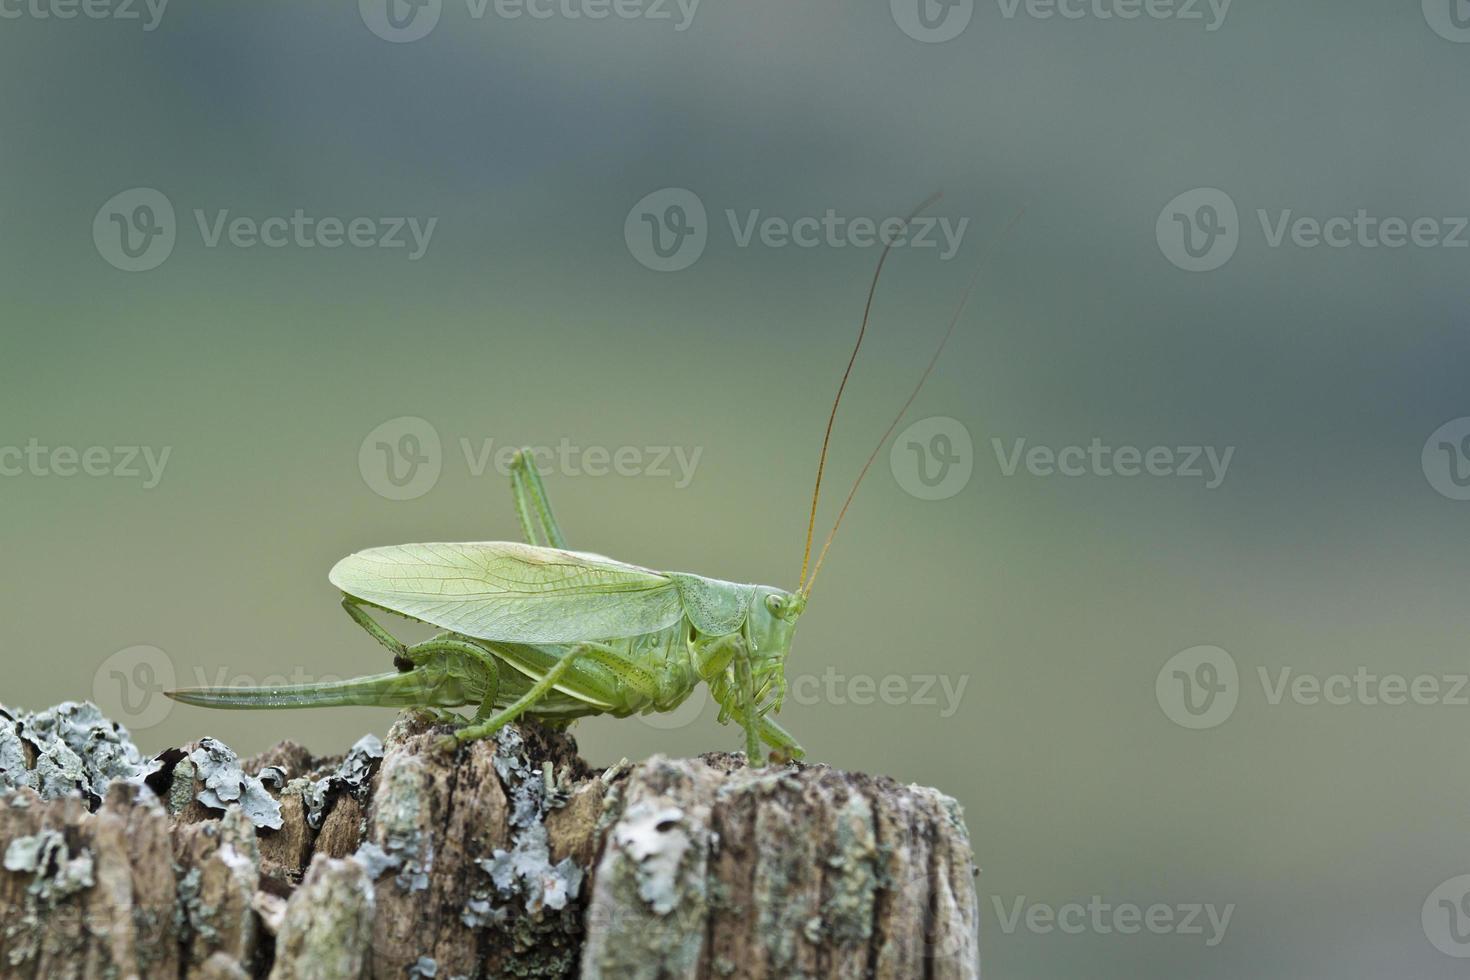 grande specie di cespuglio-cricket verde tettigonia viridissima, francia foto